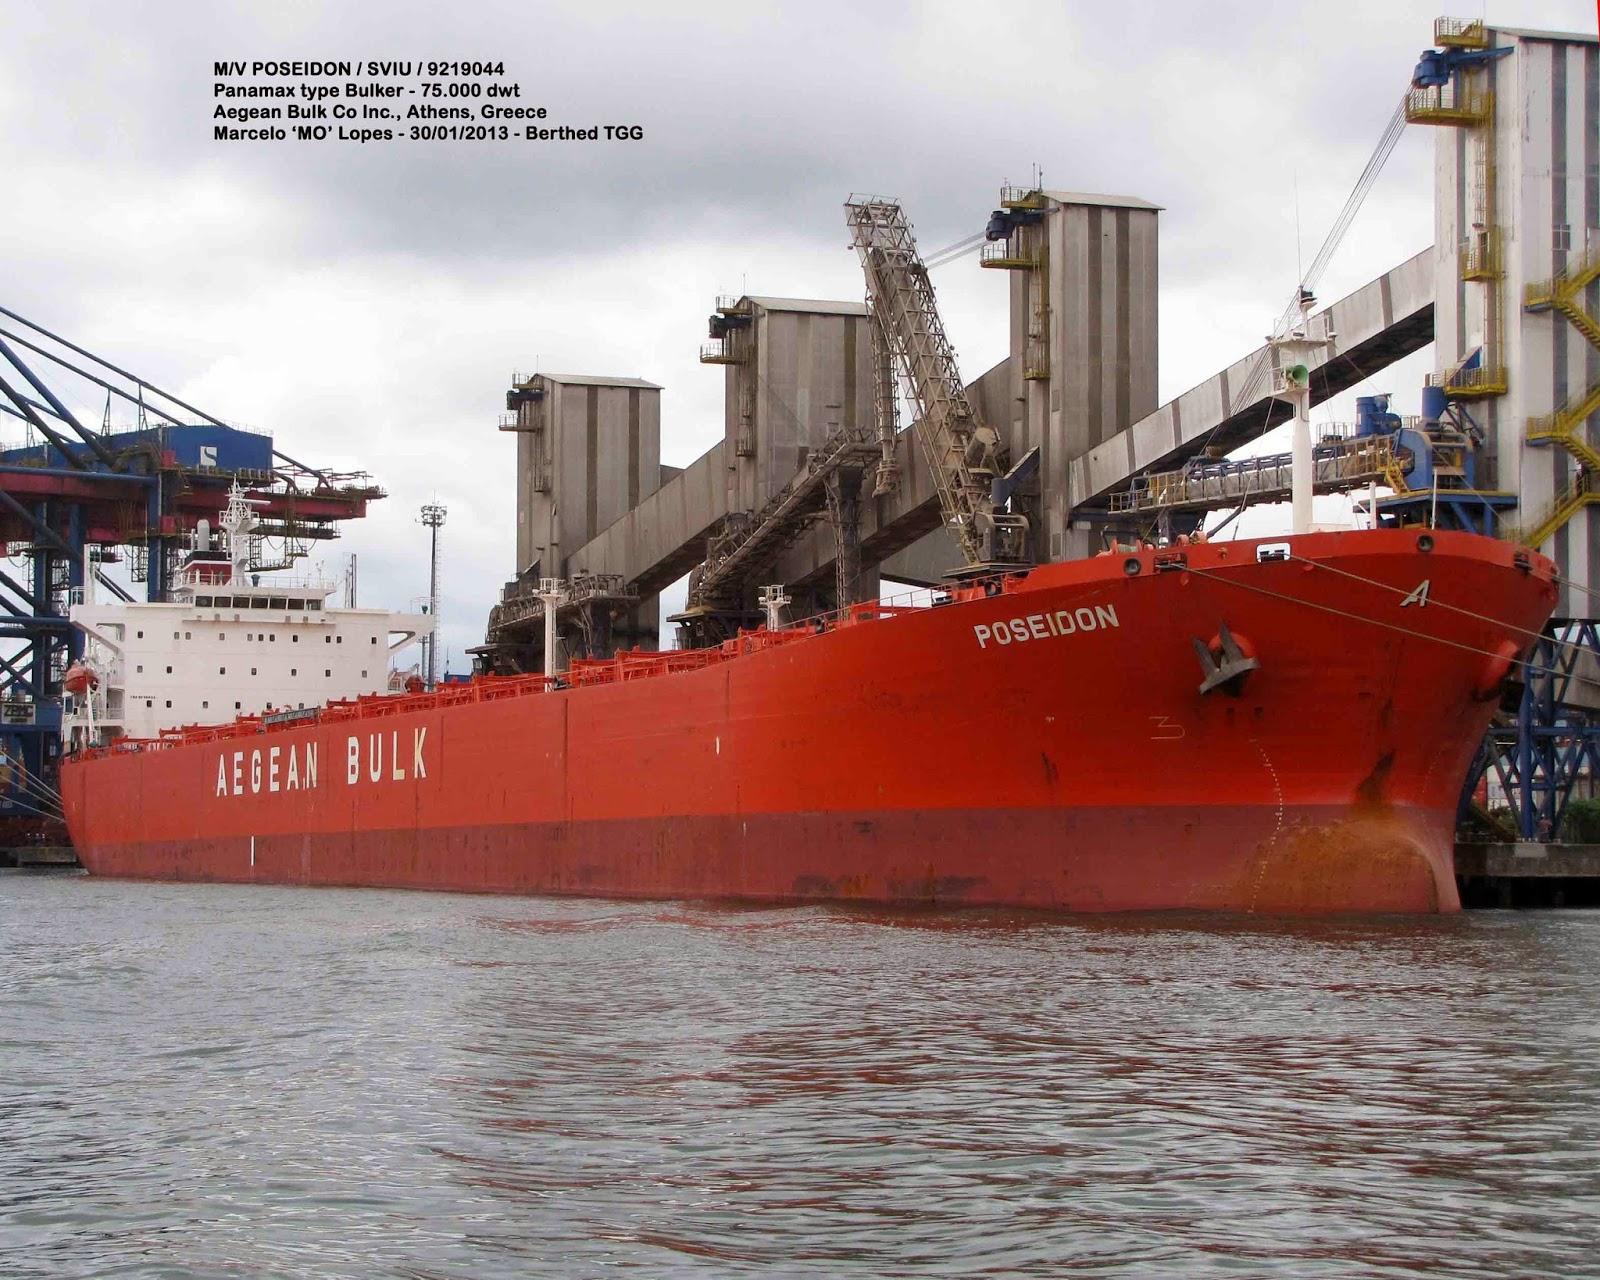 Santos Shiplovers: M/V Poseidon / SVIU - Atracado no TGG e